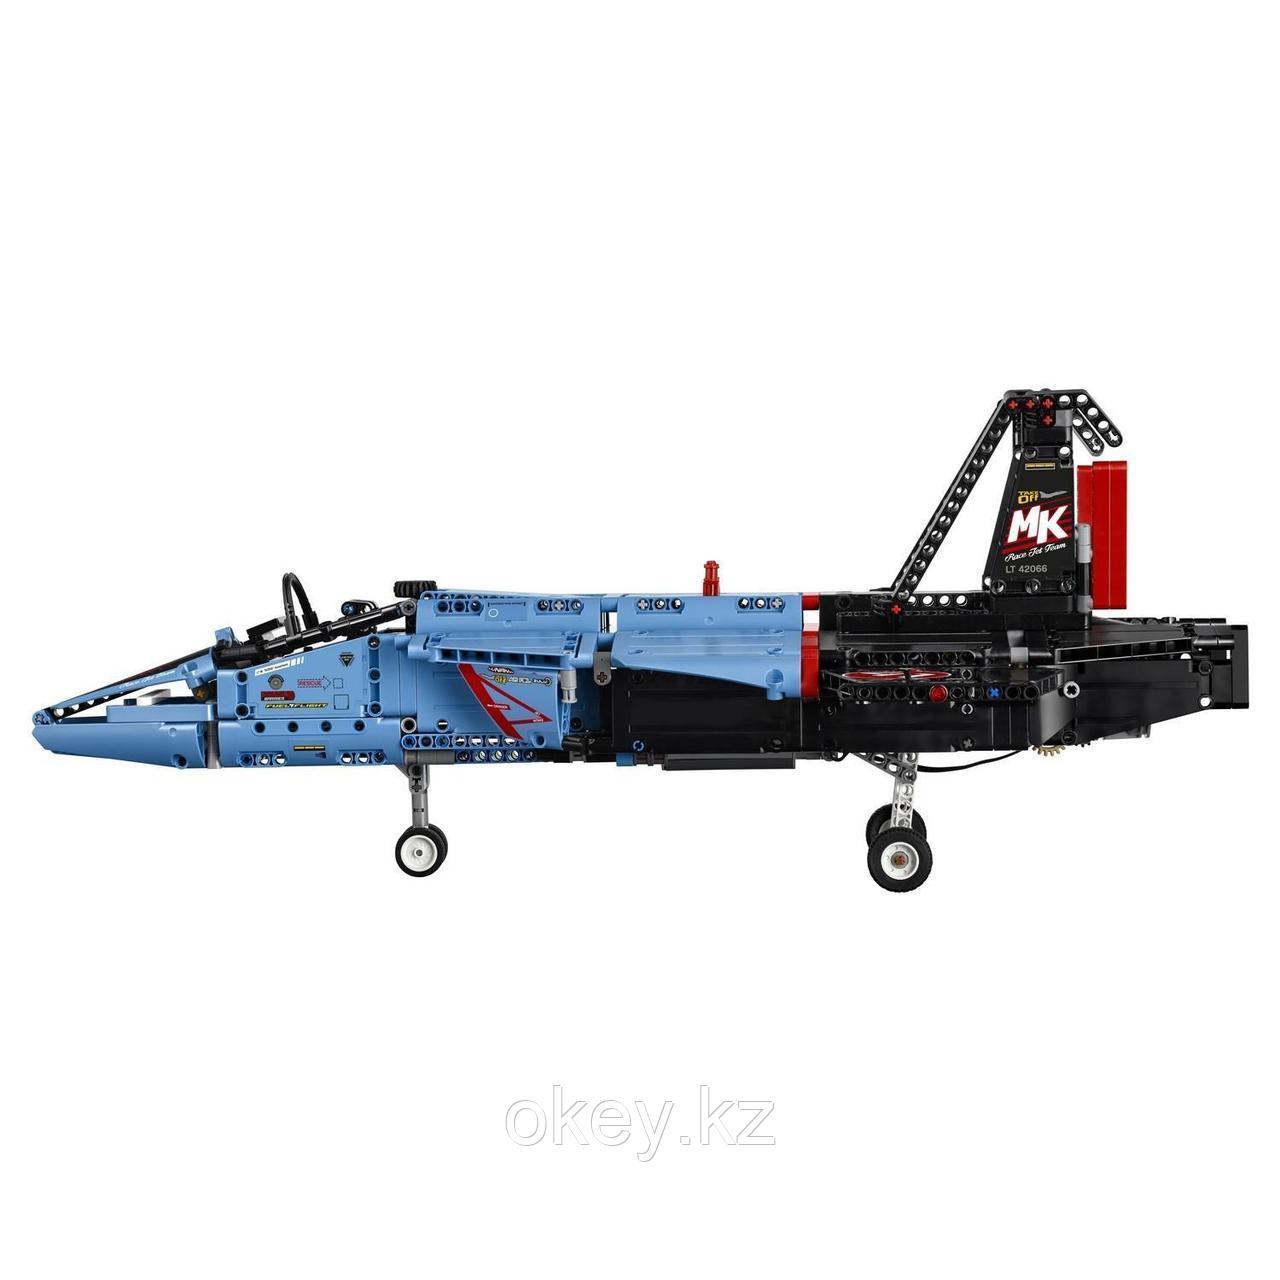 LEGO Technic: Сверхзвуковой истребитель 42066 - фото 7